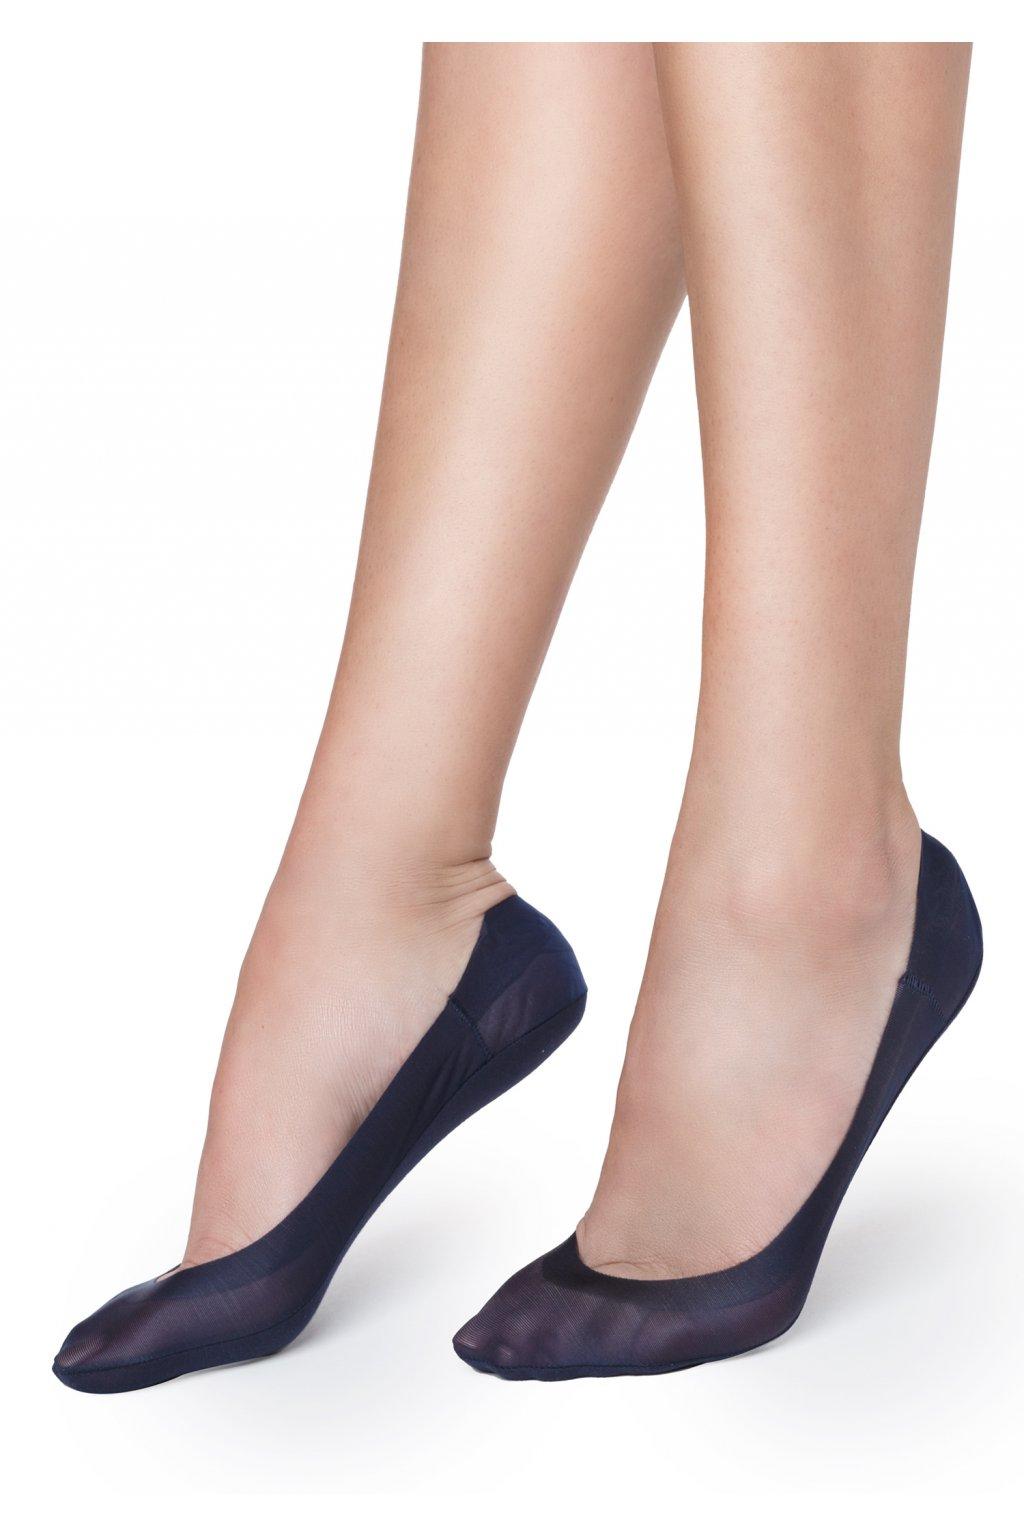 Nízké ponožky LUX LINE NORMAL COTTON